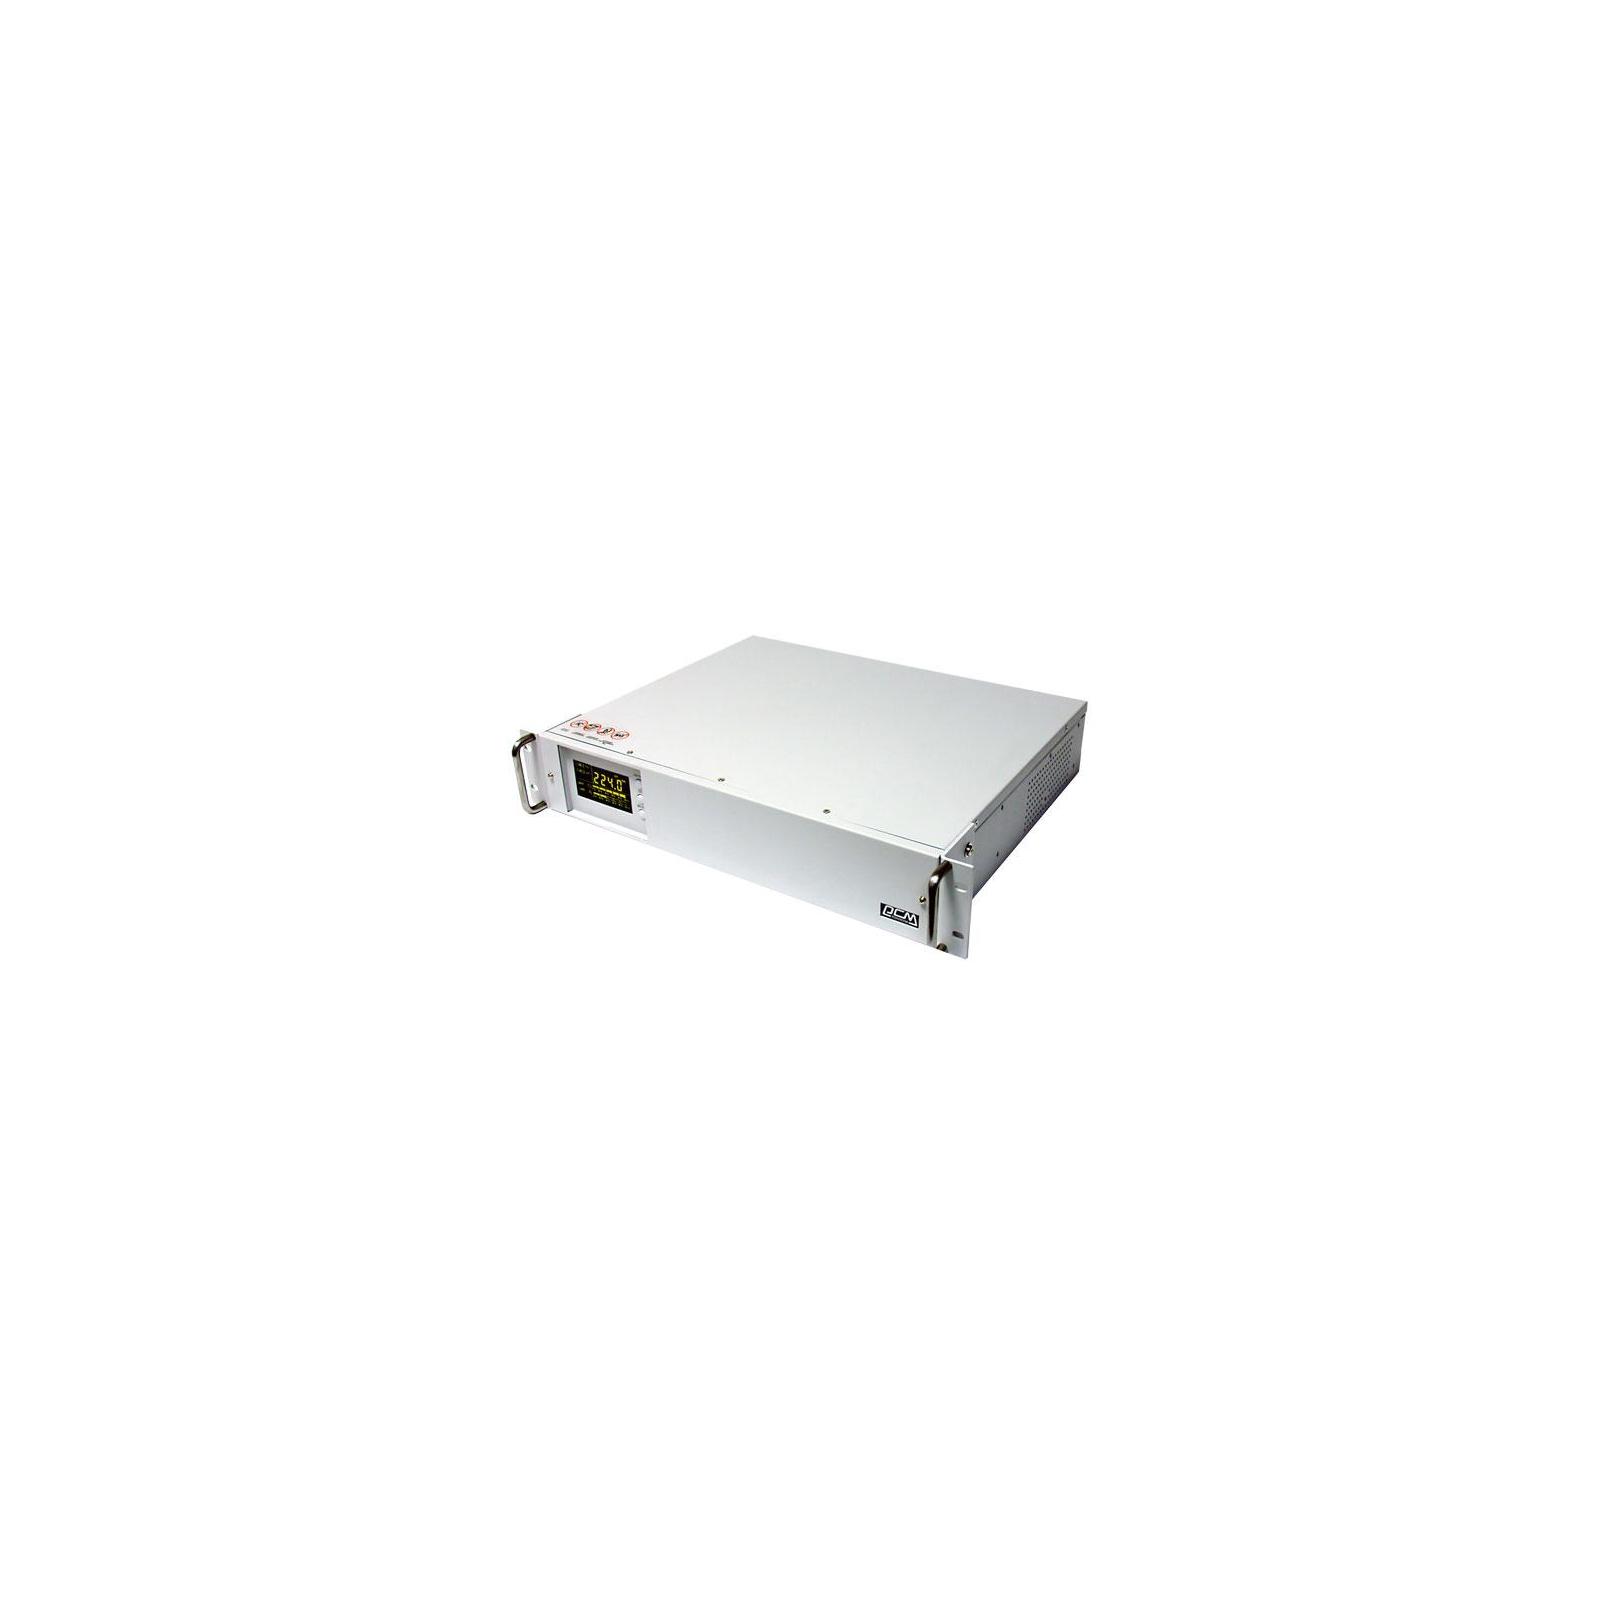 Источник бесперебойного питания SMK-2500A-RM LCD Powercom (RMK-2K5A-8GC-0011)